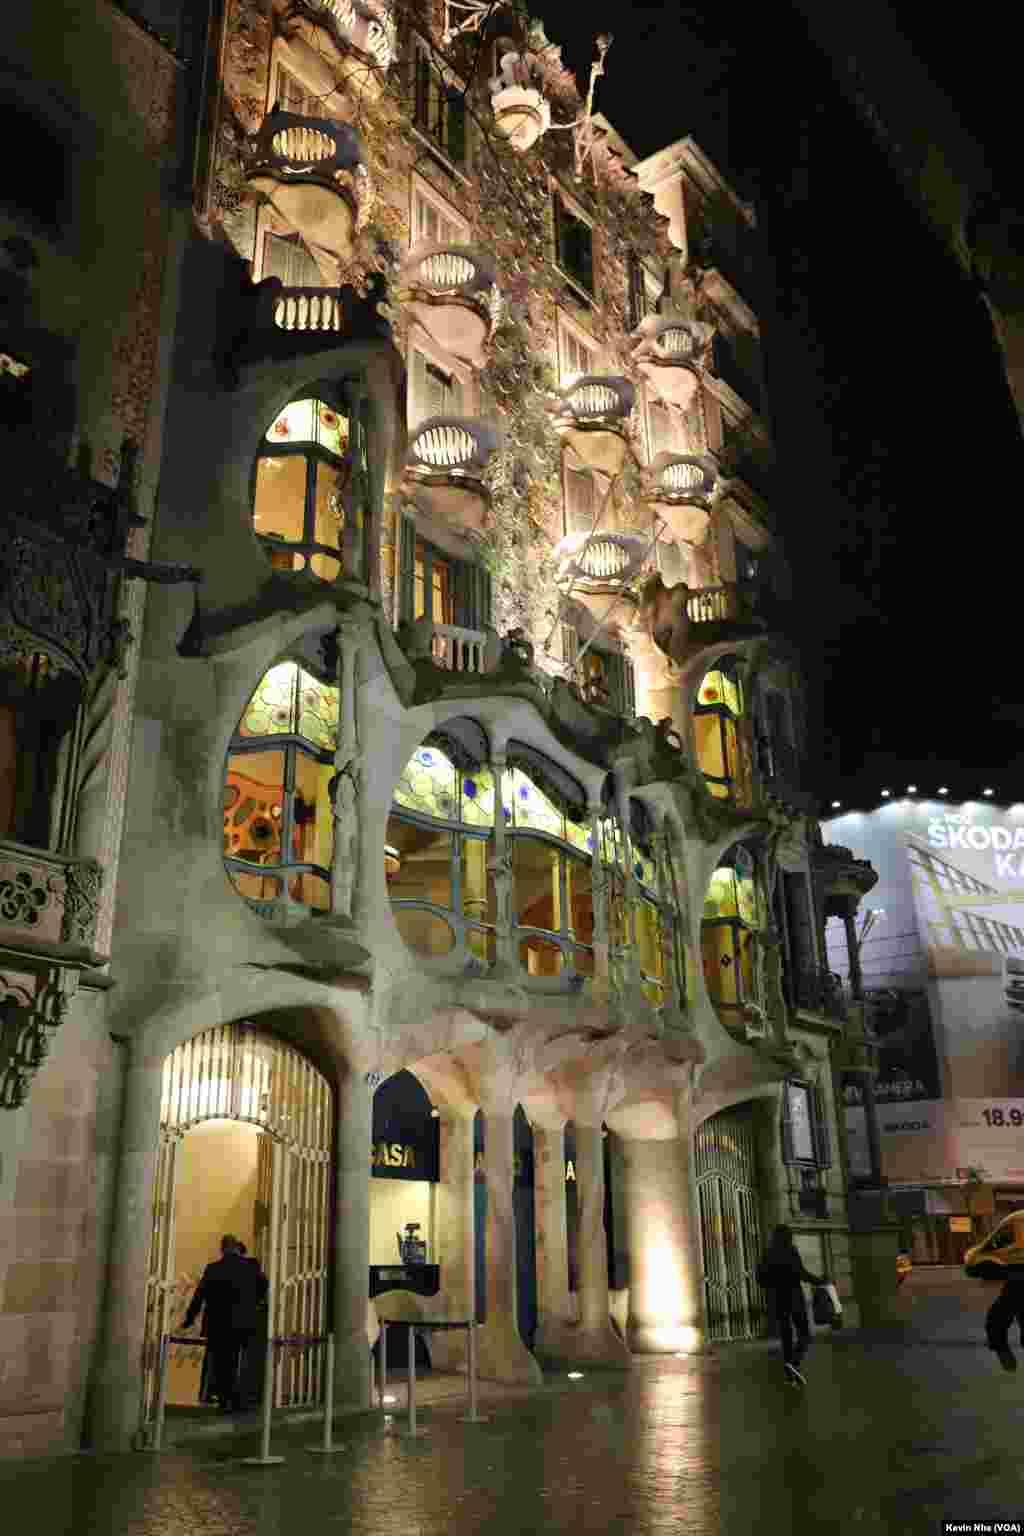 «کازا باتیو» یک ساختمان معروف است که همراه با «کازا میلا» توسط «آنتونی گادی» طراحی شده است. ساکنان محلی آن را ماسا دل اوسوس (خانهٔ استخوانها) نیز مینامند که دلیل آن کیفیت اساسی اسکلت درونی آن است.